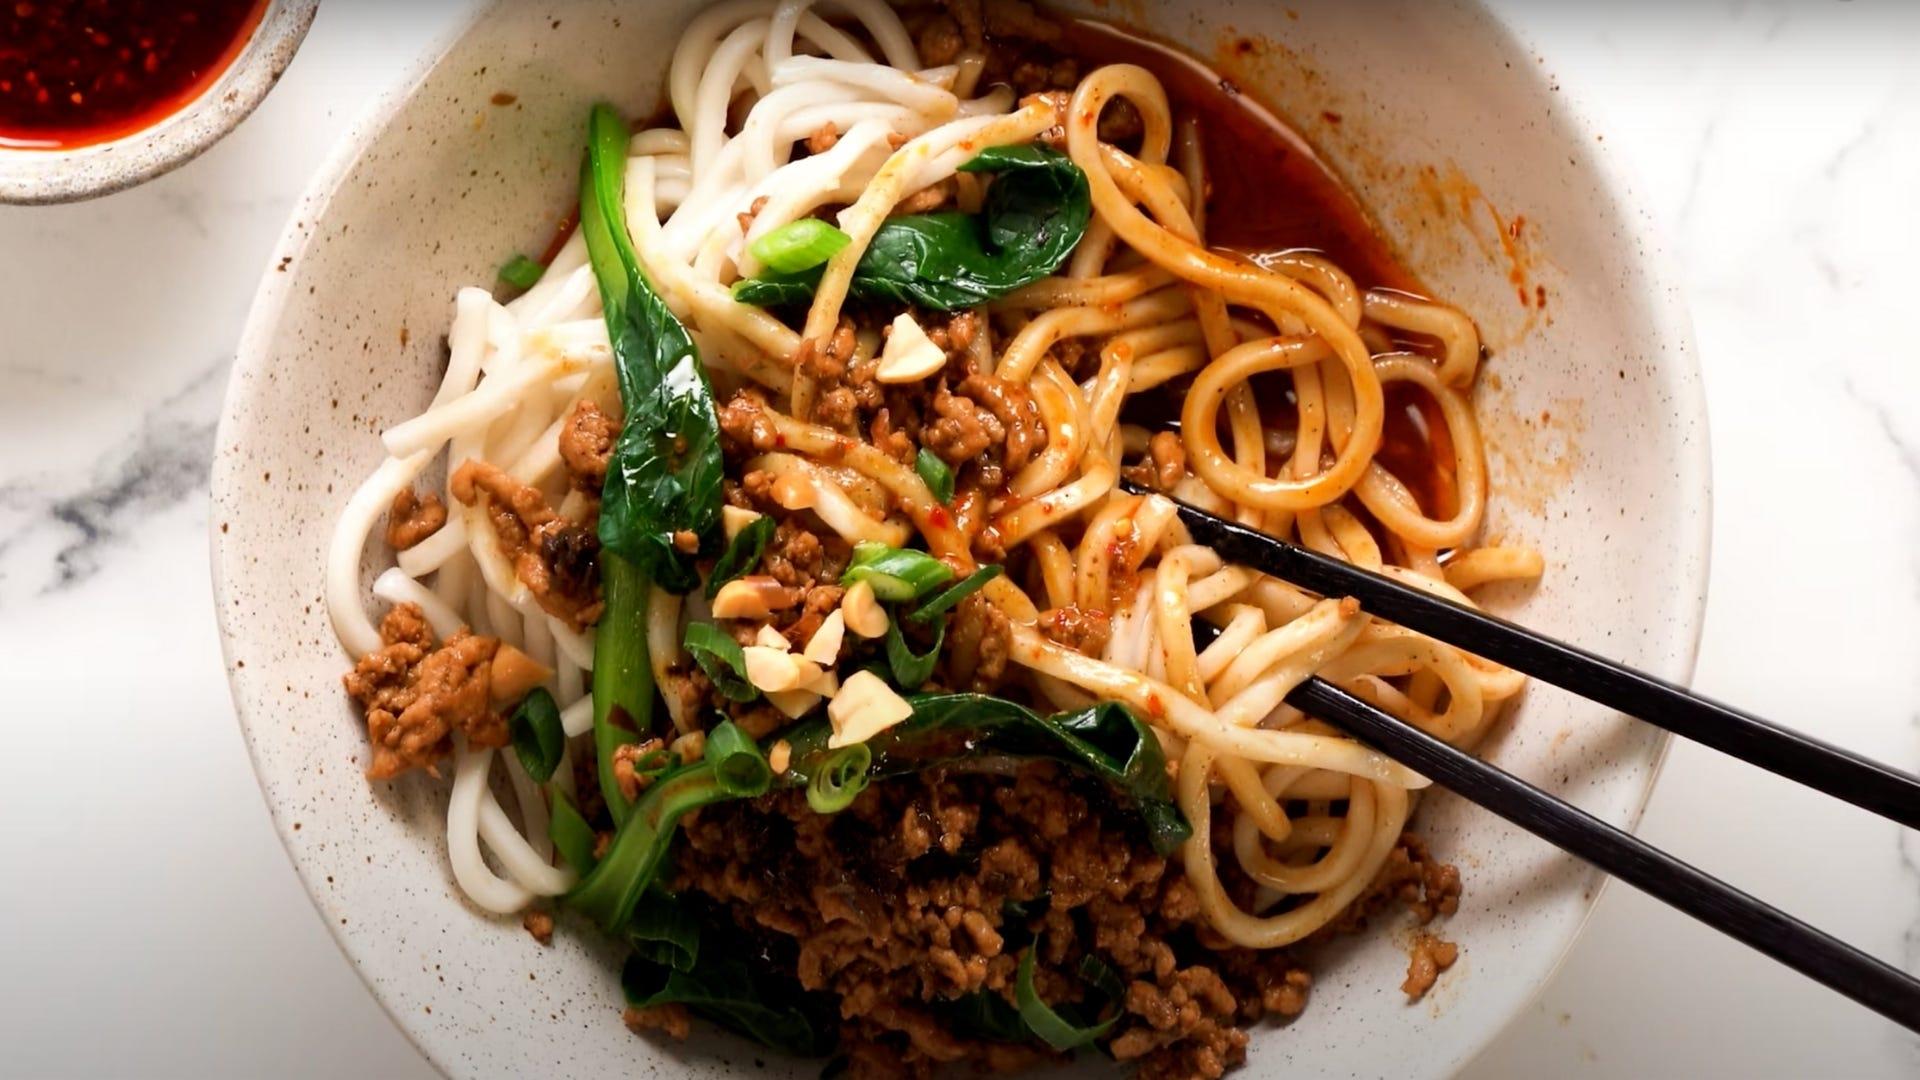 bowl of Dan Dan noodles